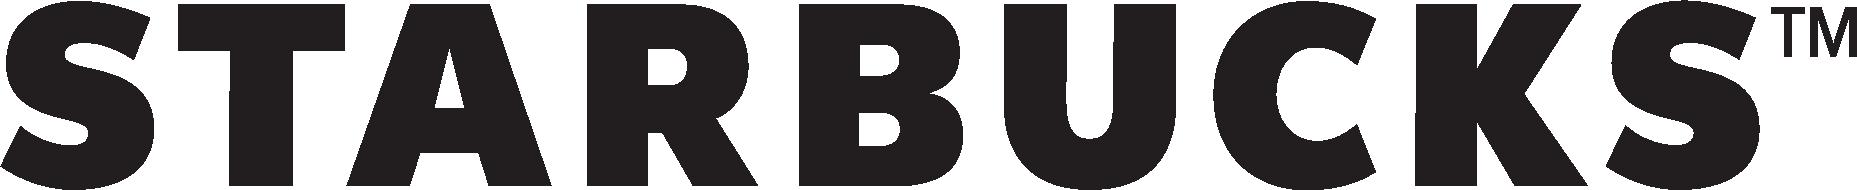 Logo for Starbucks